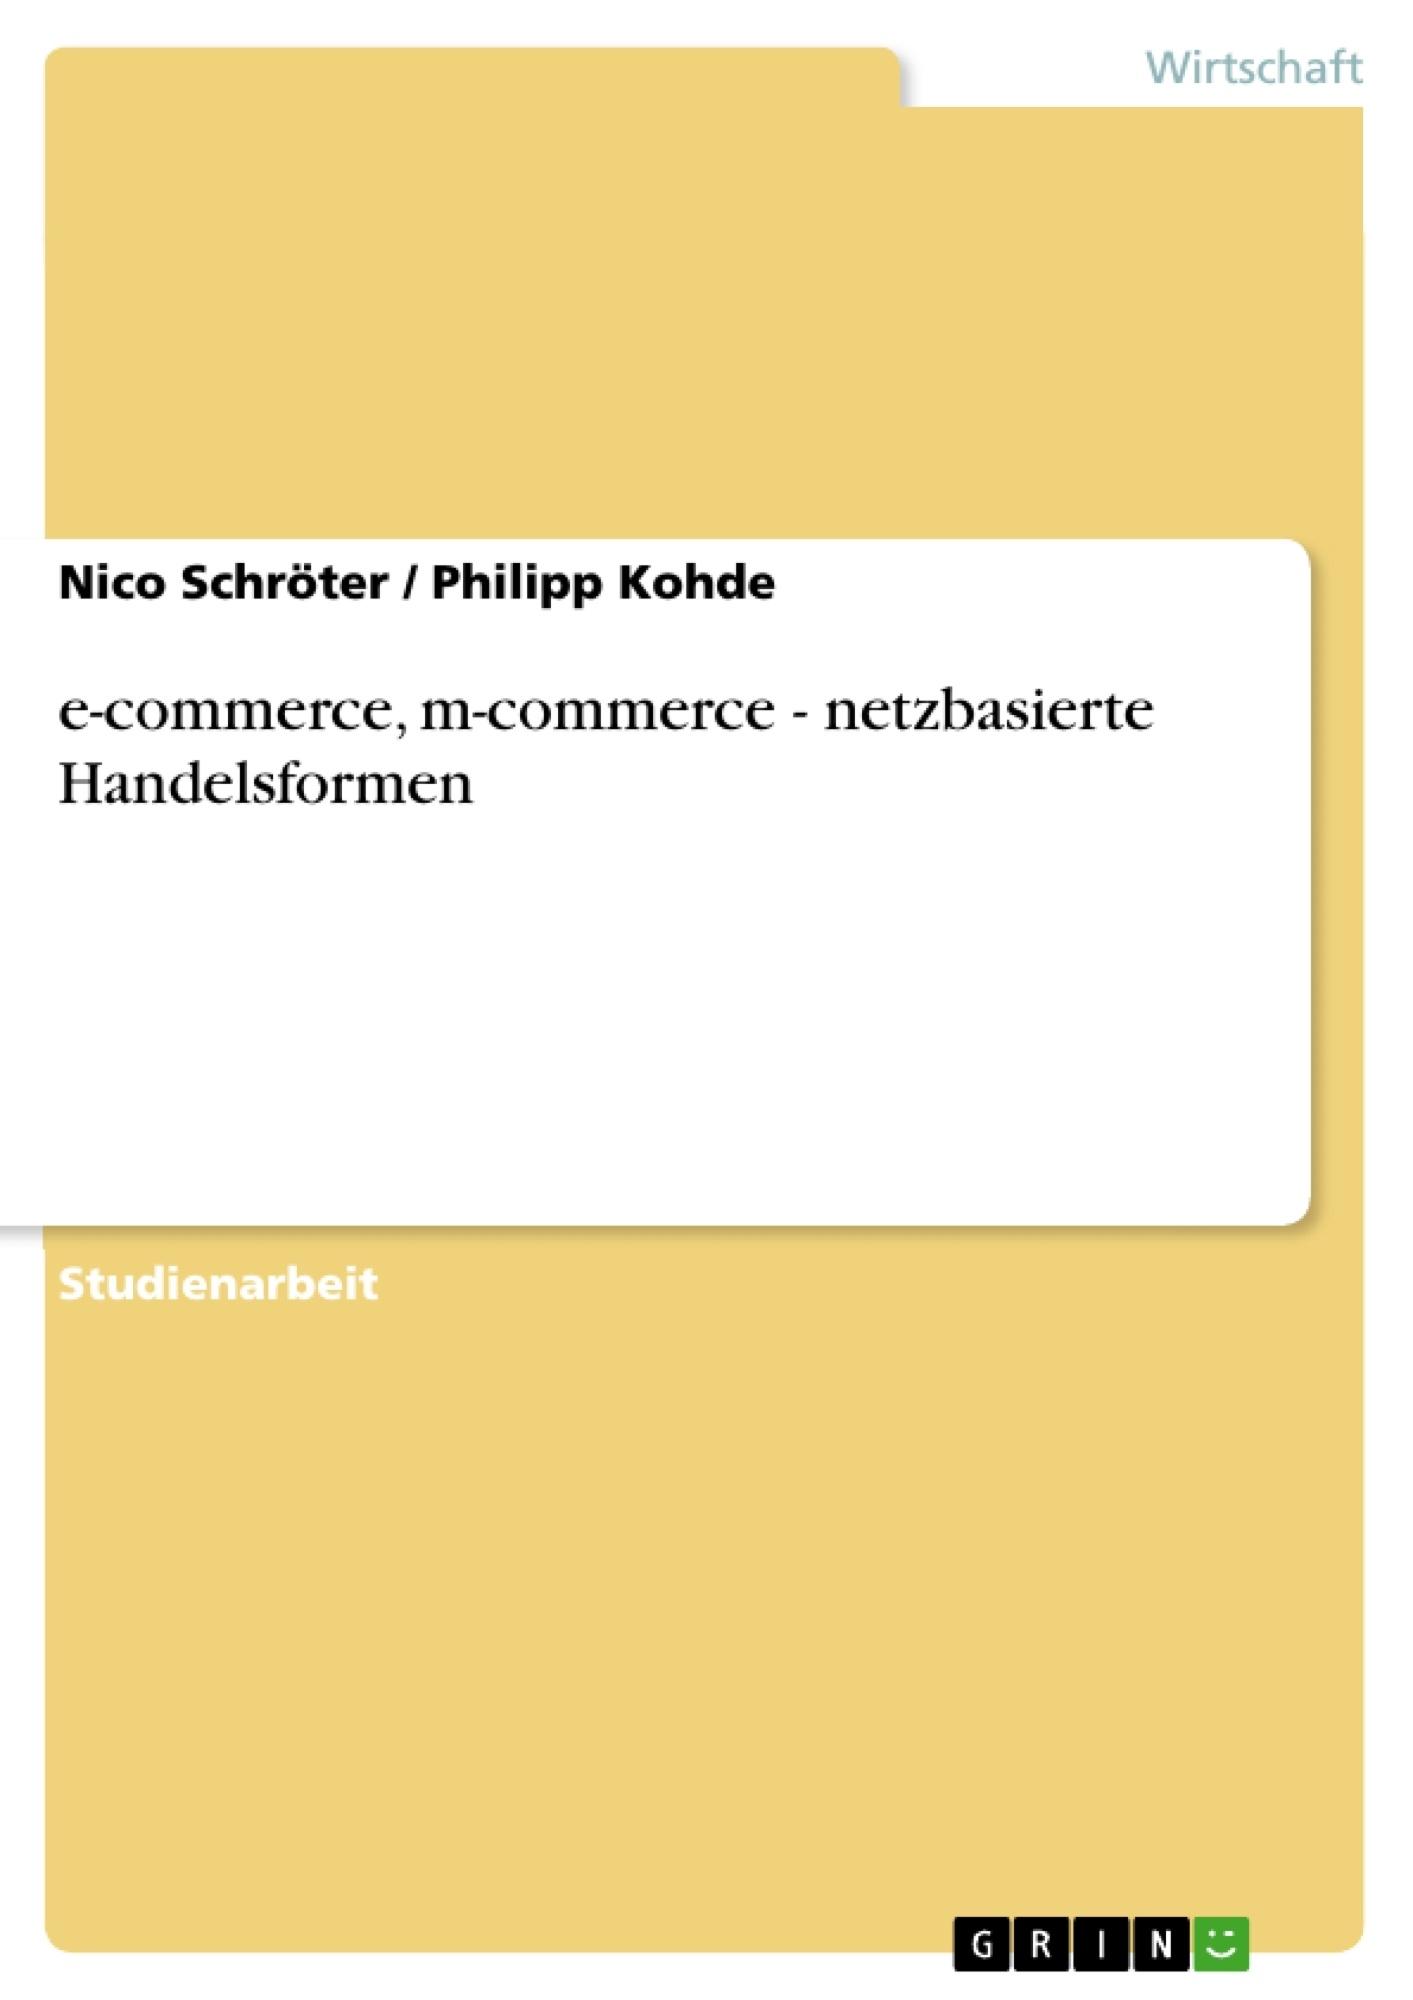 Titel: e-commerce, m-commerce - netzbasierte Handelsformen